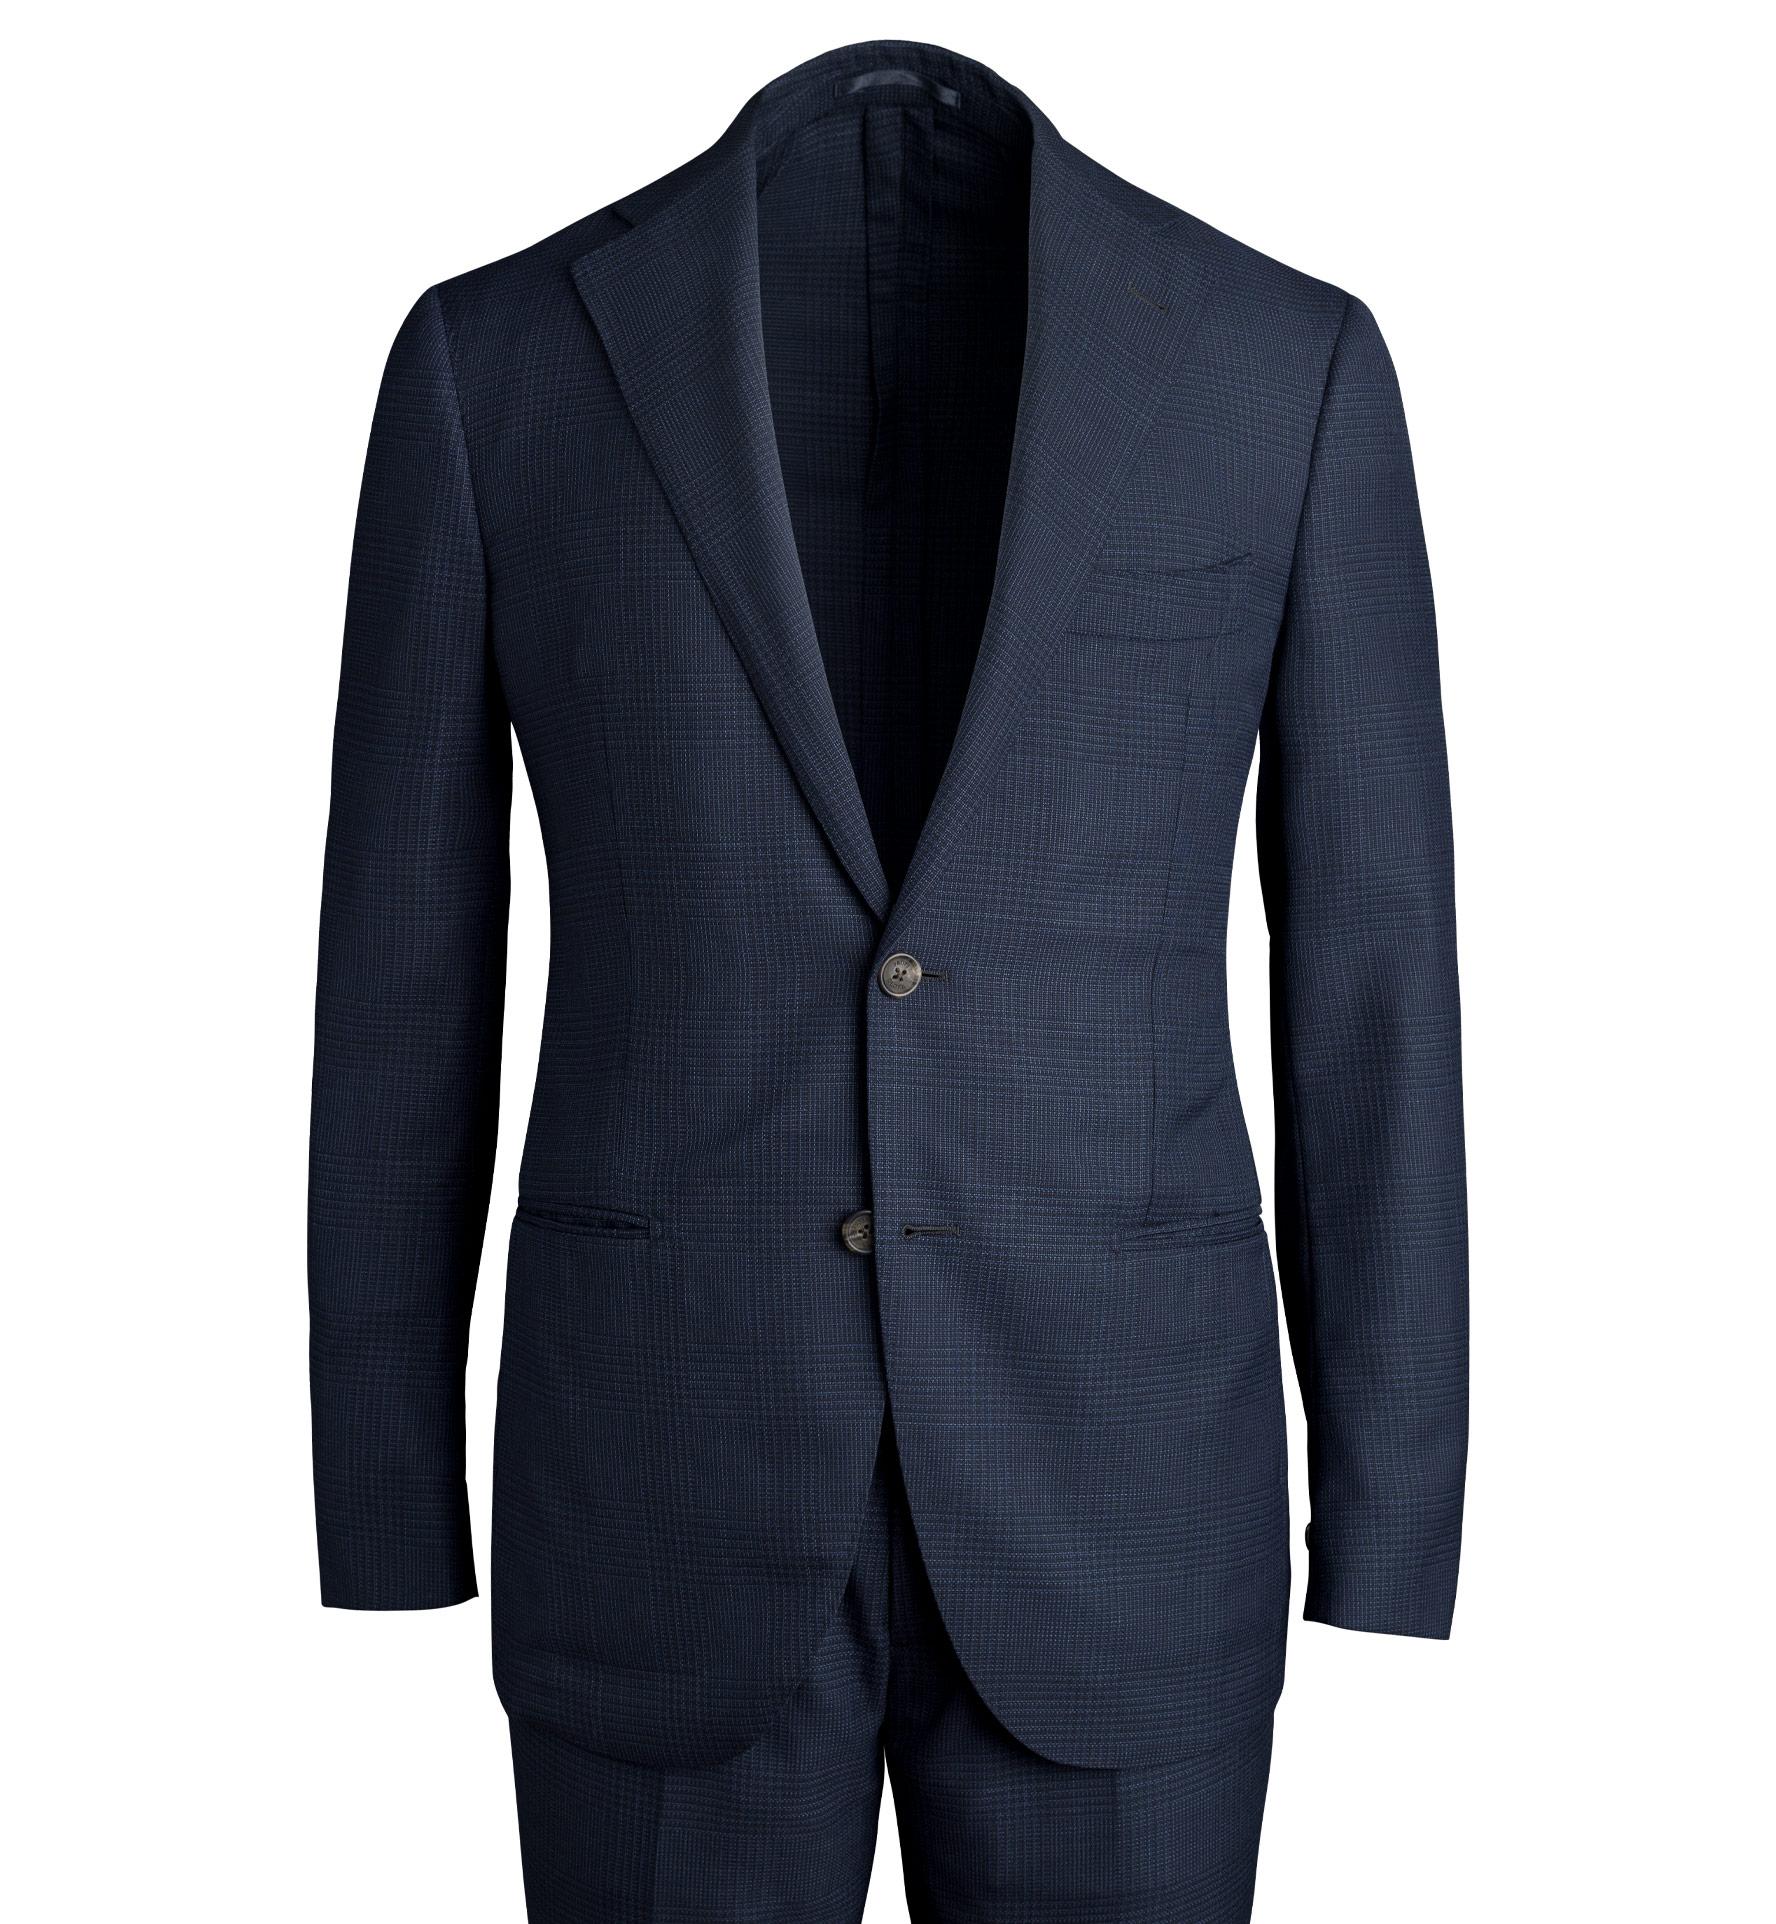 Zoom Image of Bedford Navy Glen Plaid Wool Mesh Suit